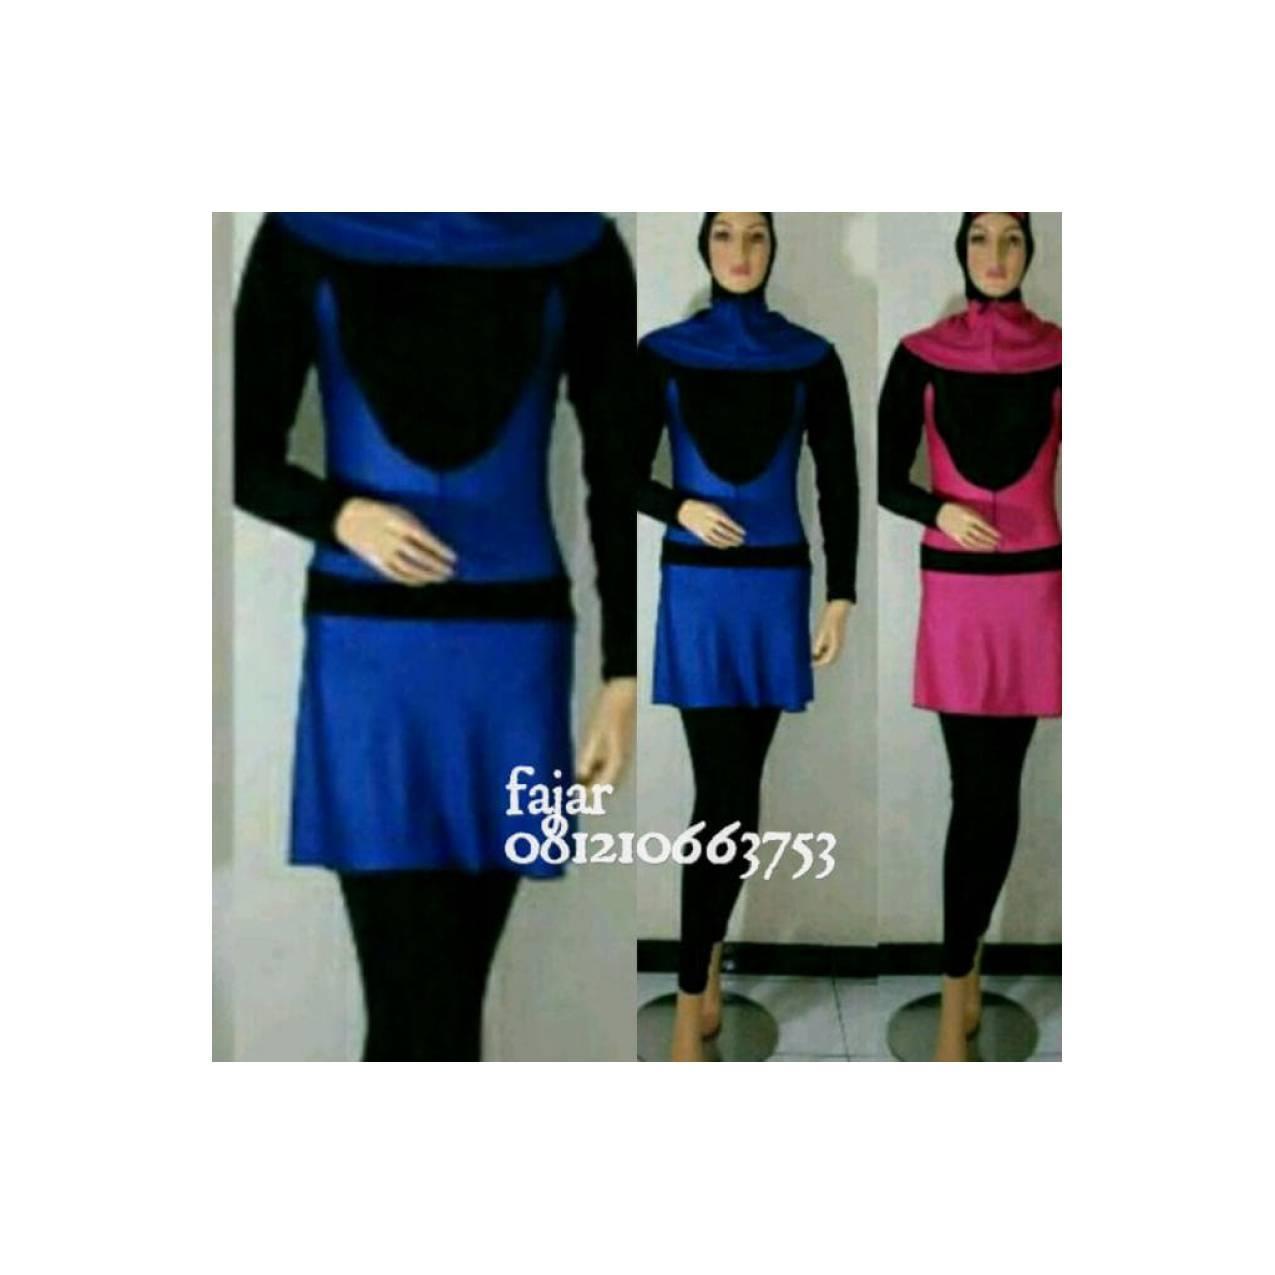 Sale! Baju Renang /Muslimah/Dewasa/Wanita/Remaja Murah